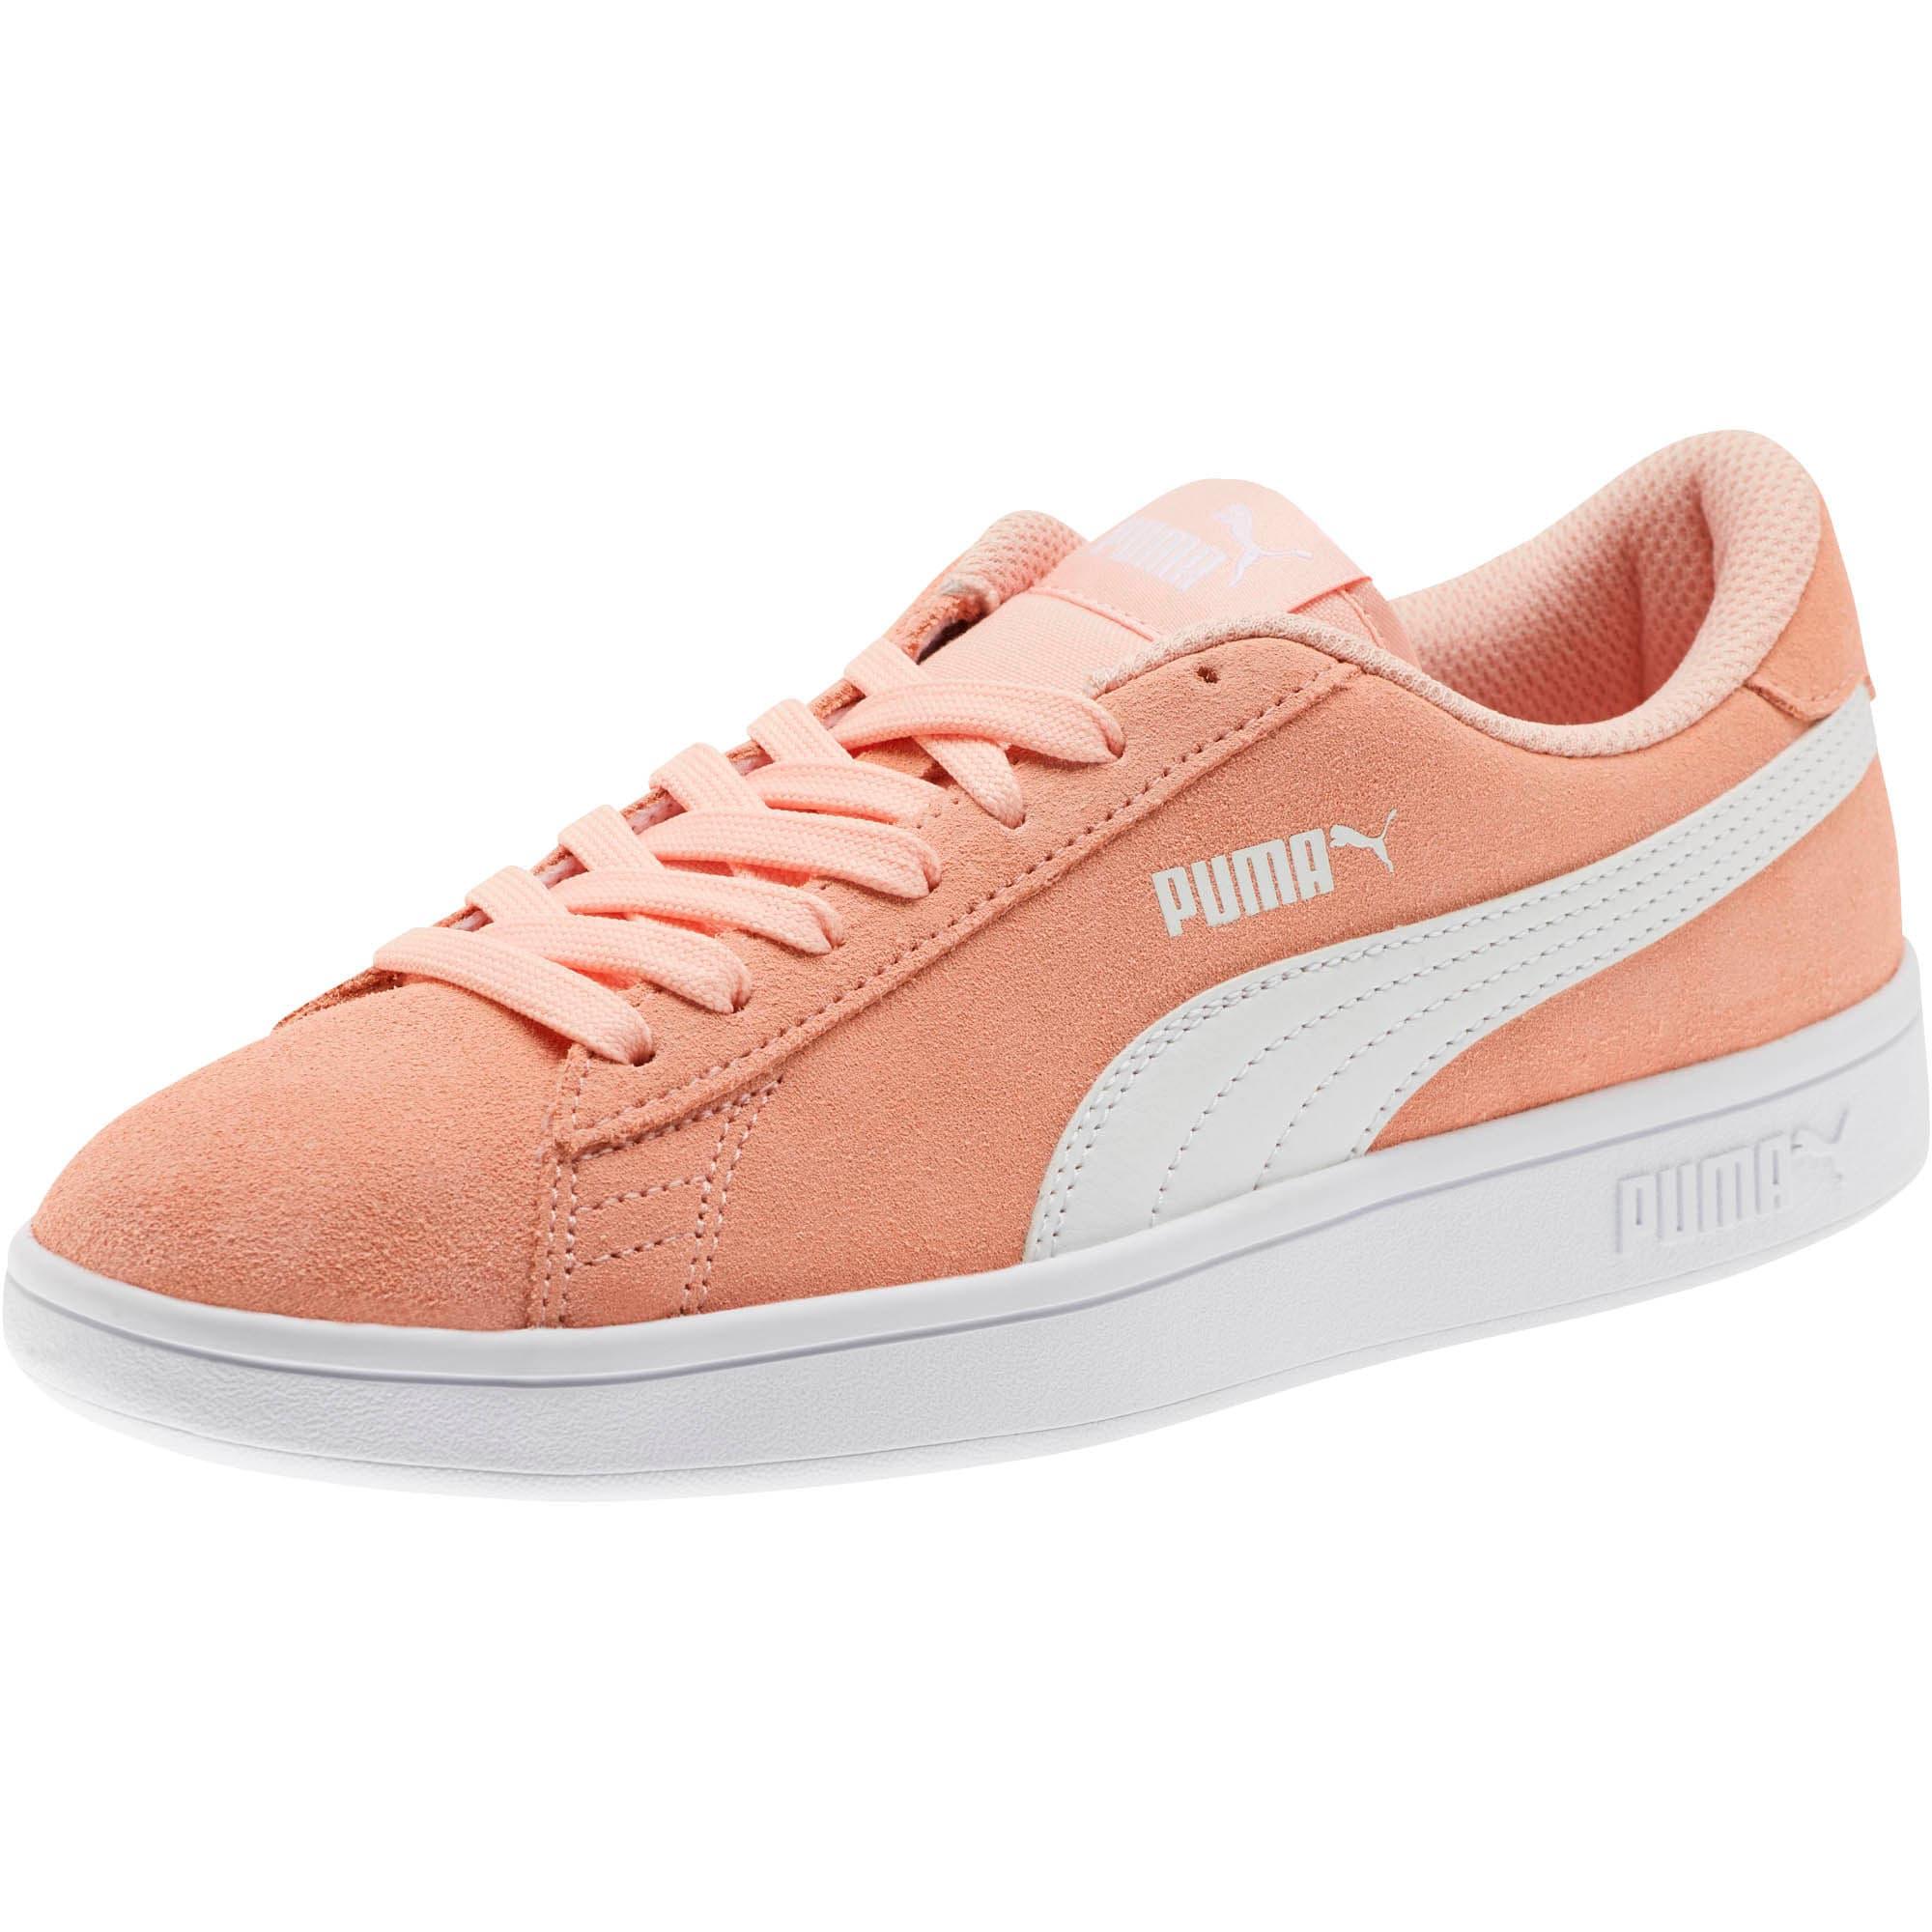 Thumbnail 1 of Smash v2 Suede Sneakers JR, Peach Bud-Puma White, medium